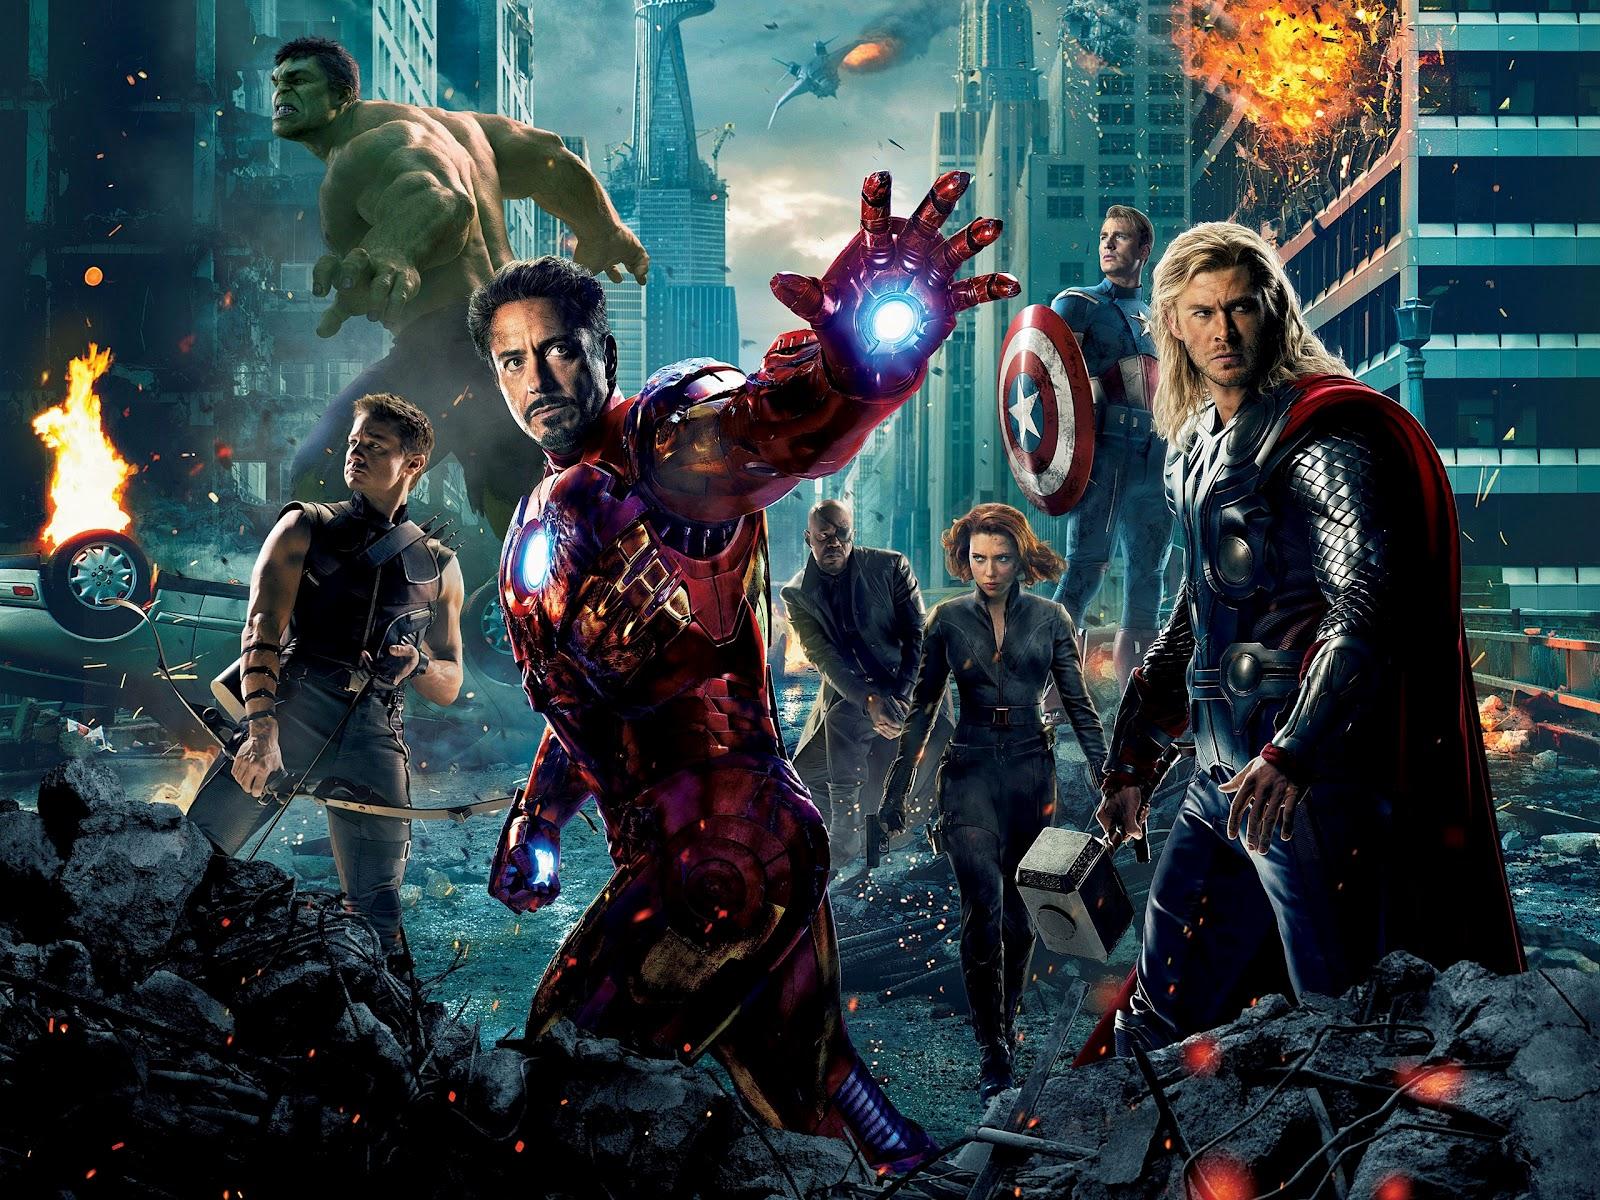 http://2.bp.blogspot.com/-1CkmNqnTDgg/T7J154m_25I/AAAAAAAAAC8/KXtvZLh9XLw/s1600/2012-The-Avengers-movie-HD-wide-wallpaper-screensaver-hd-desktop-background-film-poster.jpg